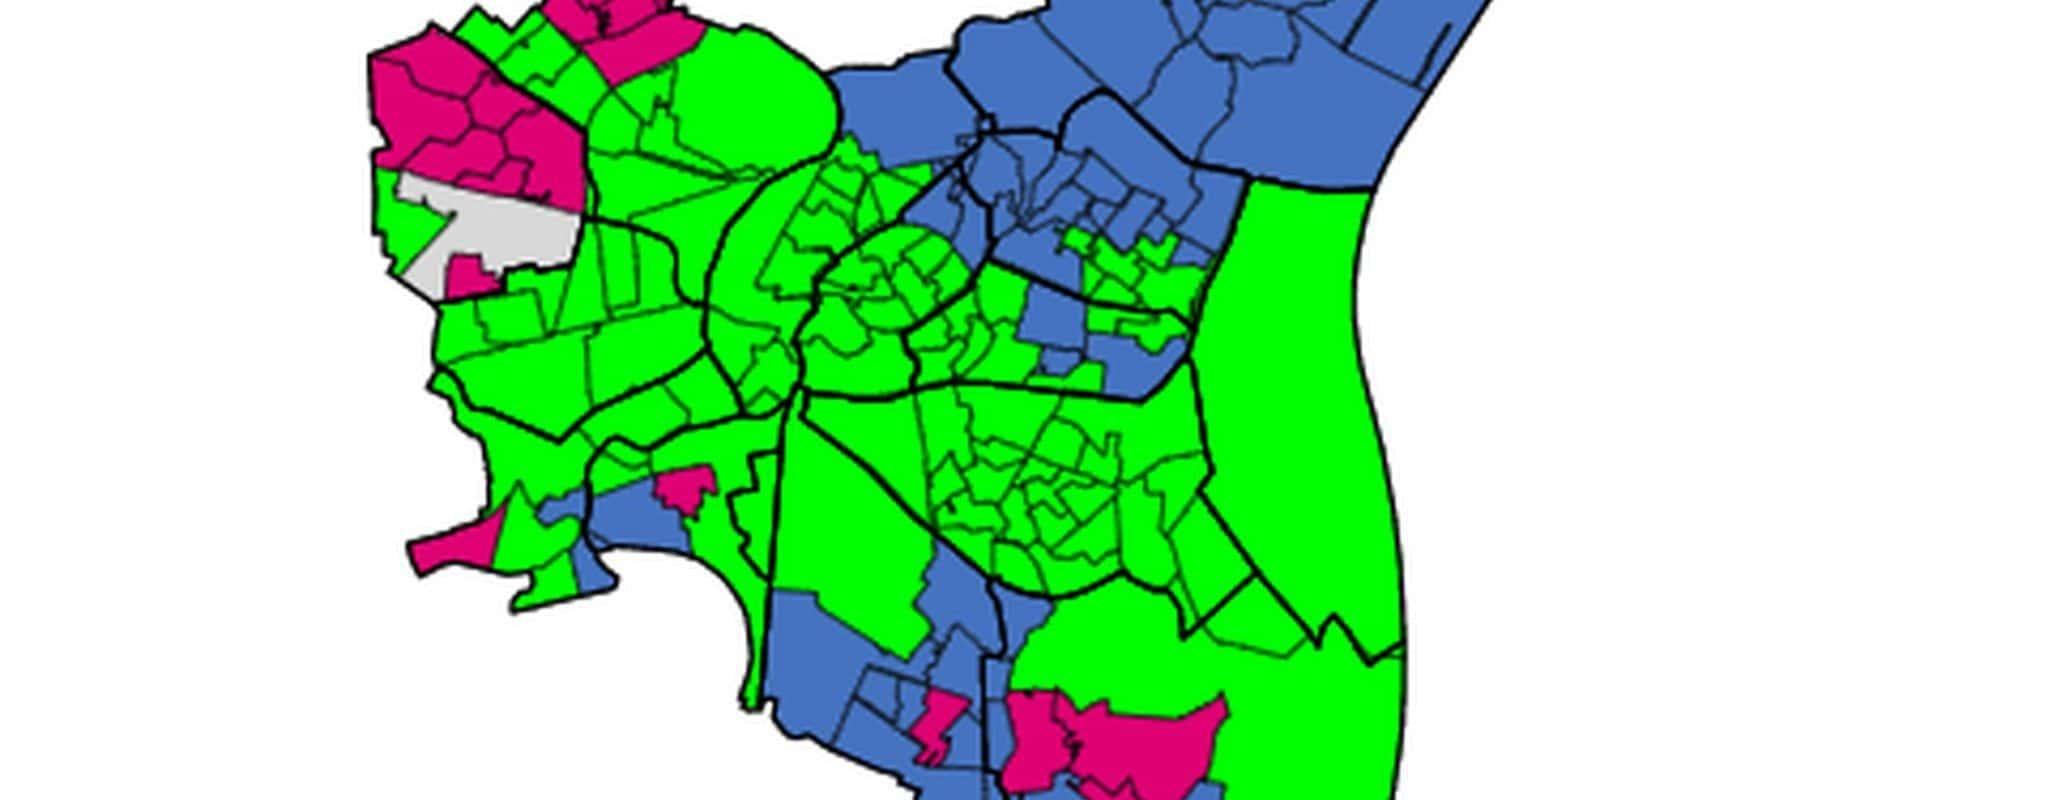 Municipales : 41,71% pour Jeanne Barseghian